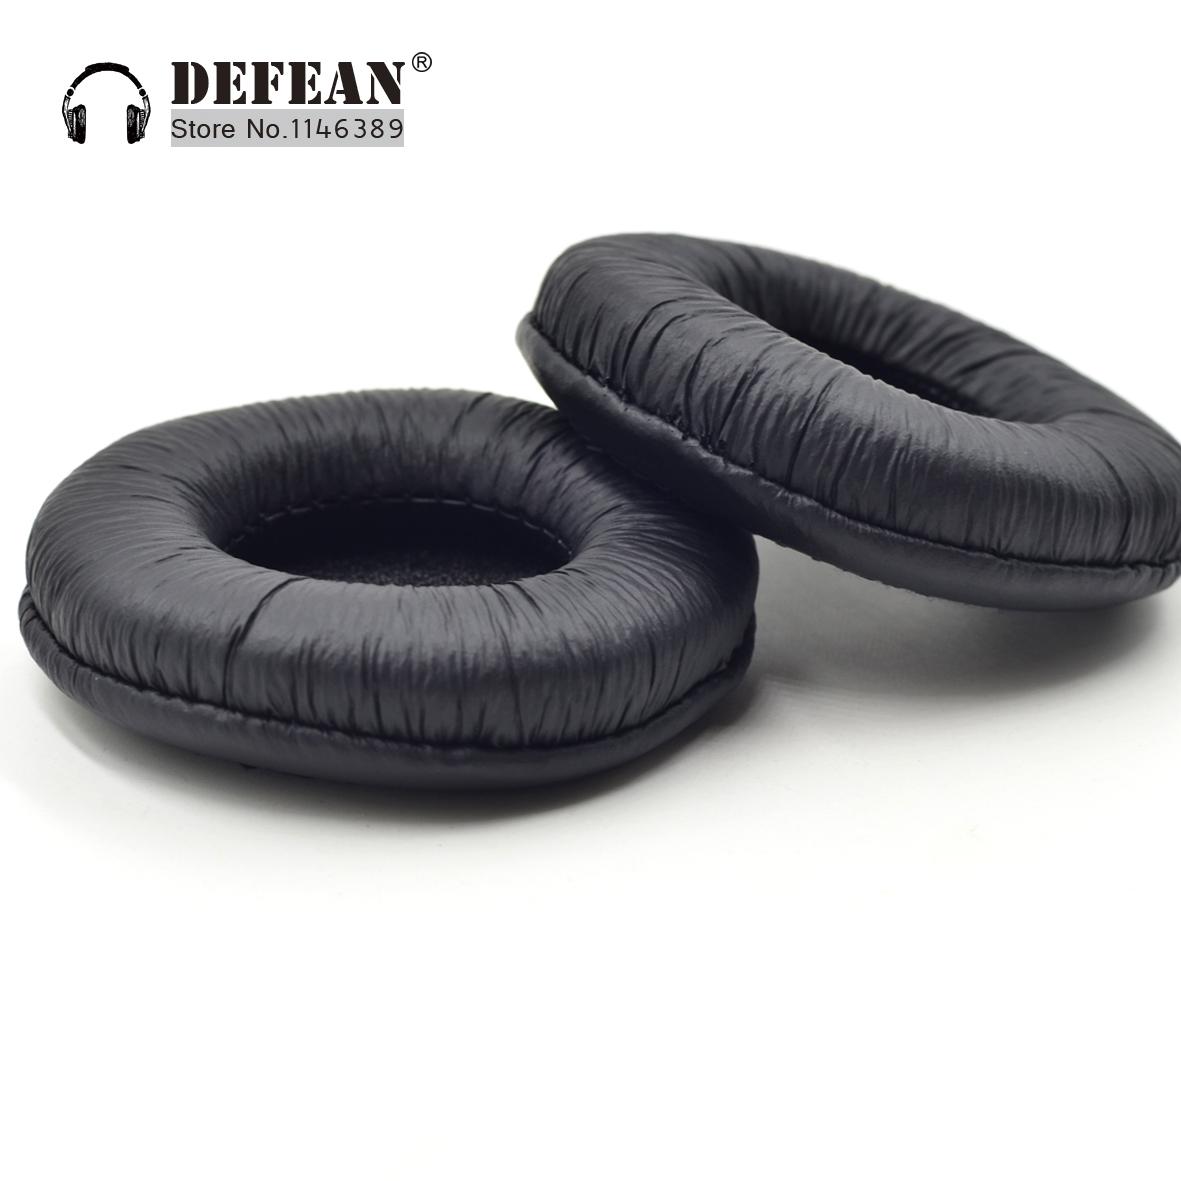 sony zx100 casque promotion achetez des sony zx100 casque promotionnels sur. Black Bedroom Furniture Sets. Home Design Ideas